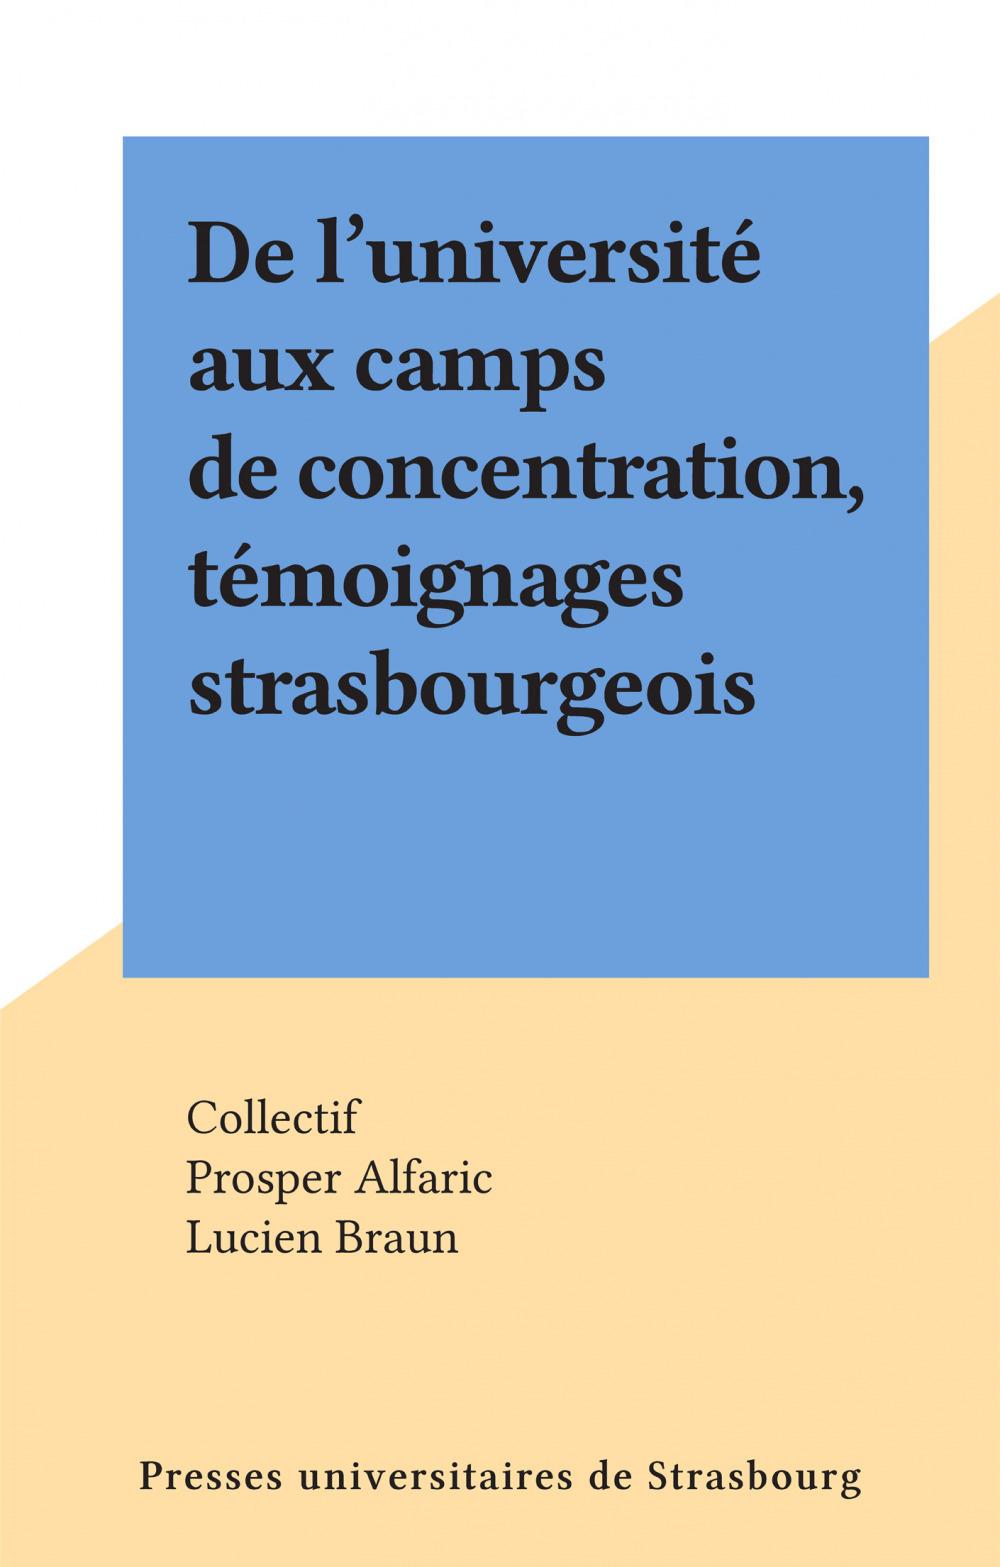 De l'université aux camps de concentration, témoignages strasbourgeois